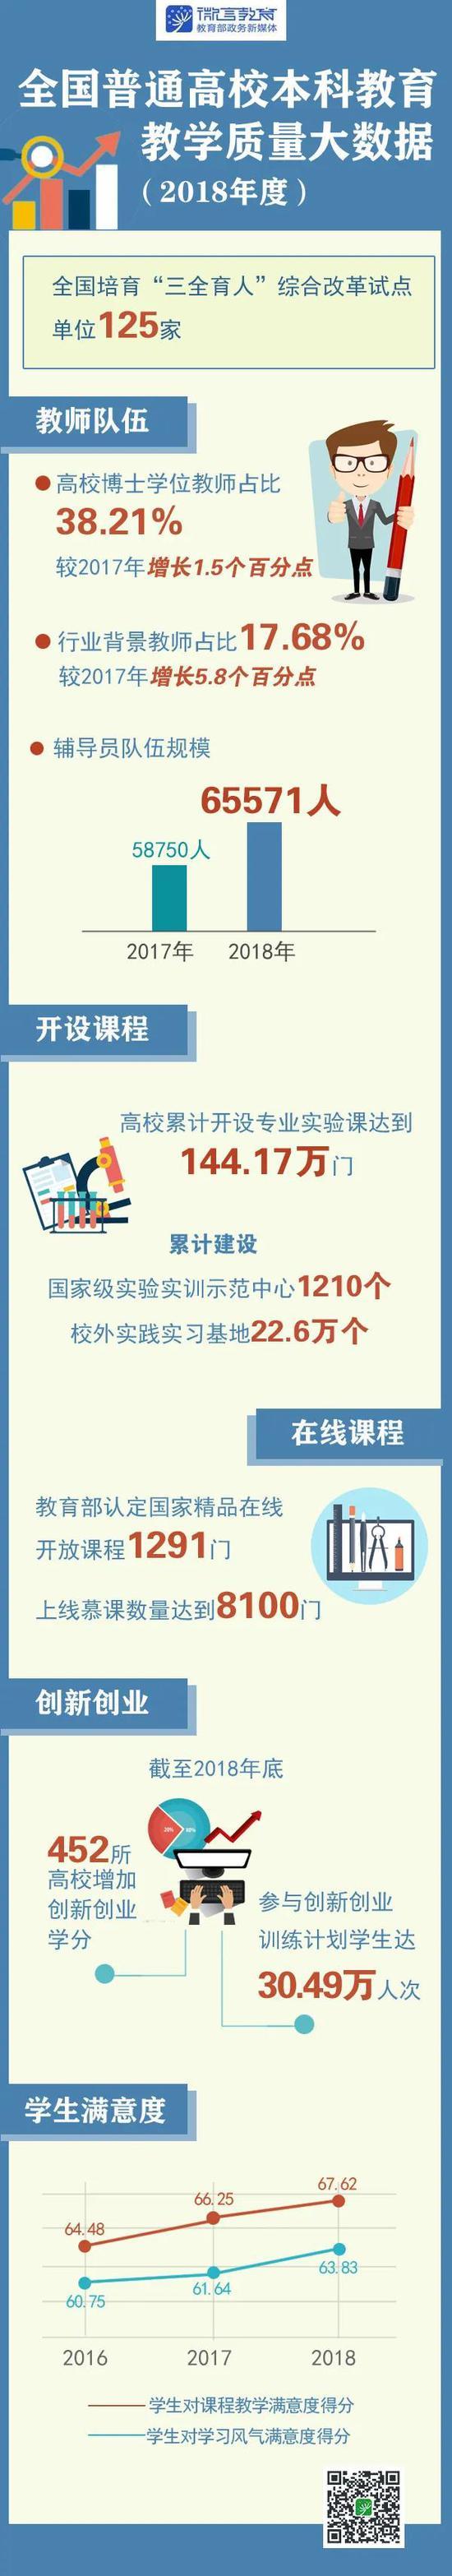 天富官网,本科教学报告模式天富官网图片